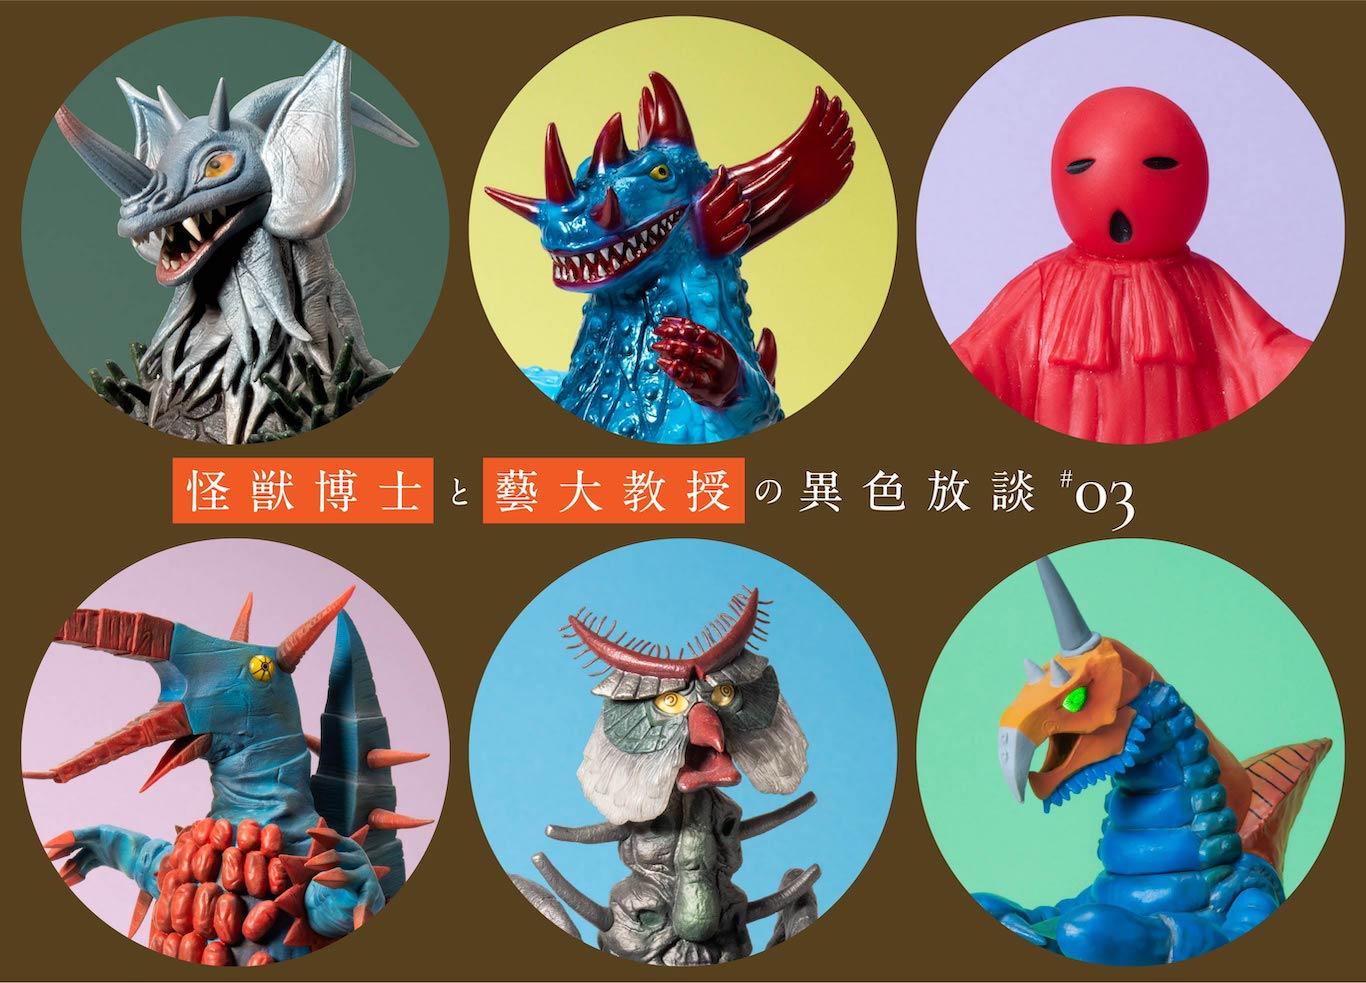 [画像] 成田亨の切ない屈折と日本の「美術」が抱えるねじれ。怪獣博士と藝大教授の異色放談#3